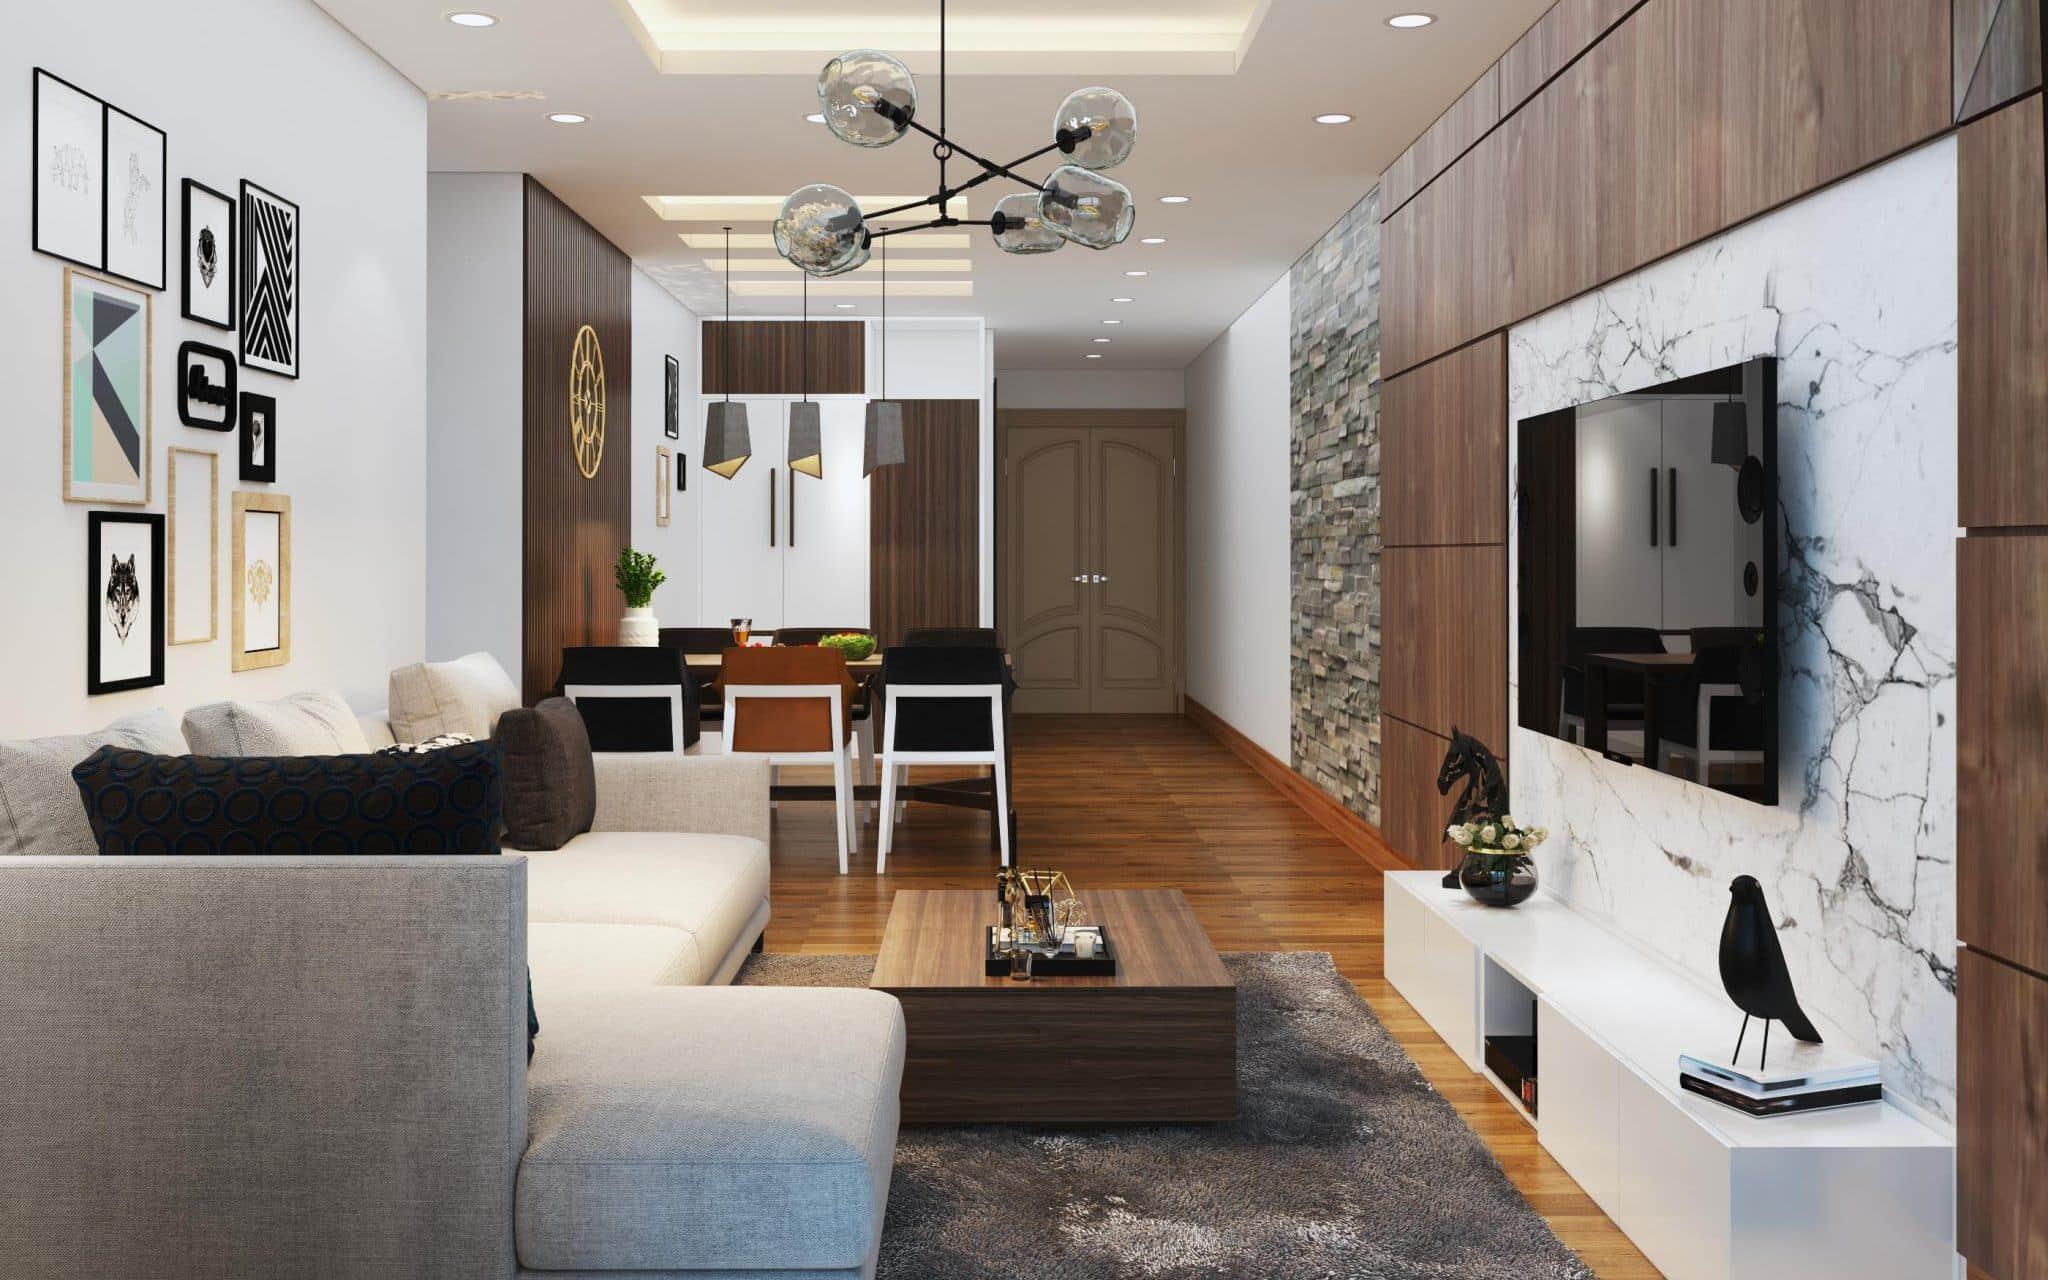 Tư vấn thiết kế nội thất căn hộ chung cư có diện tích 83m² theo phong cách  hiện đại | Báo dân sinh